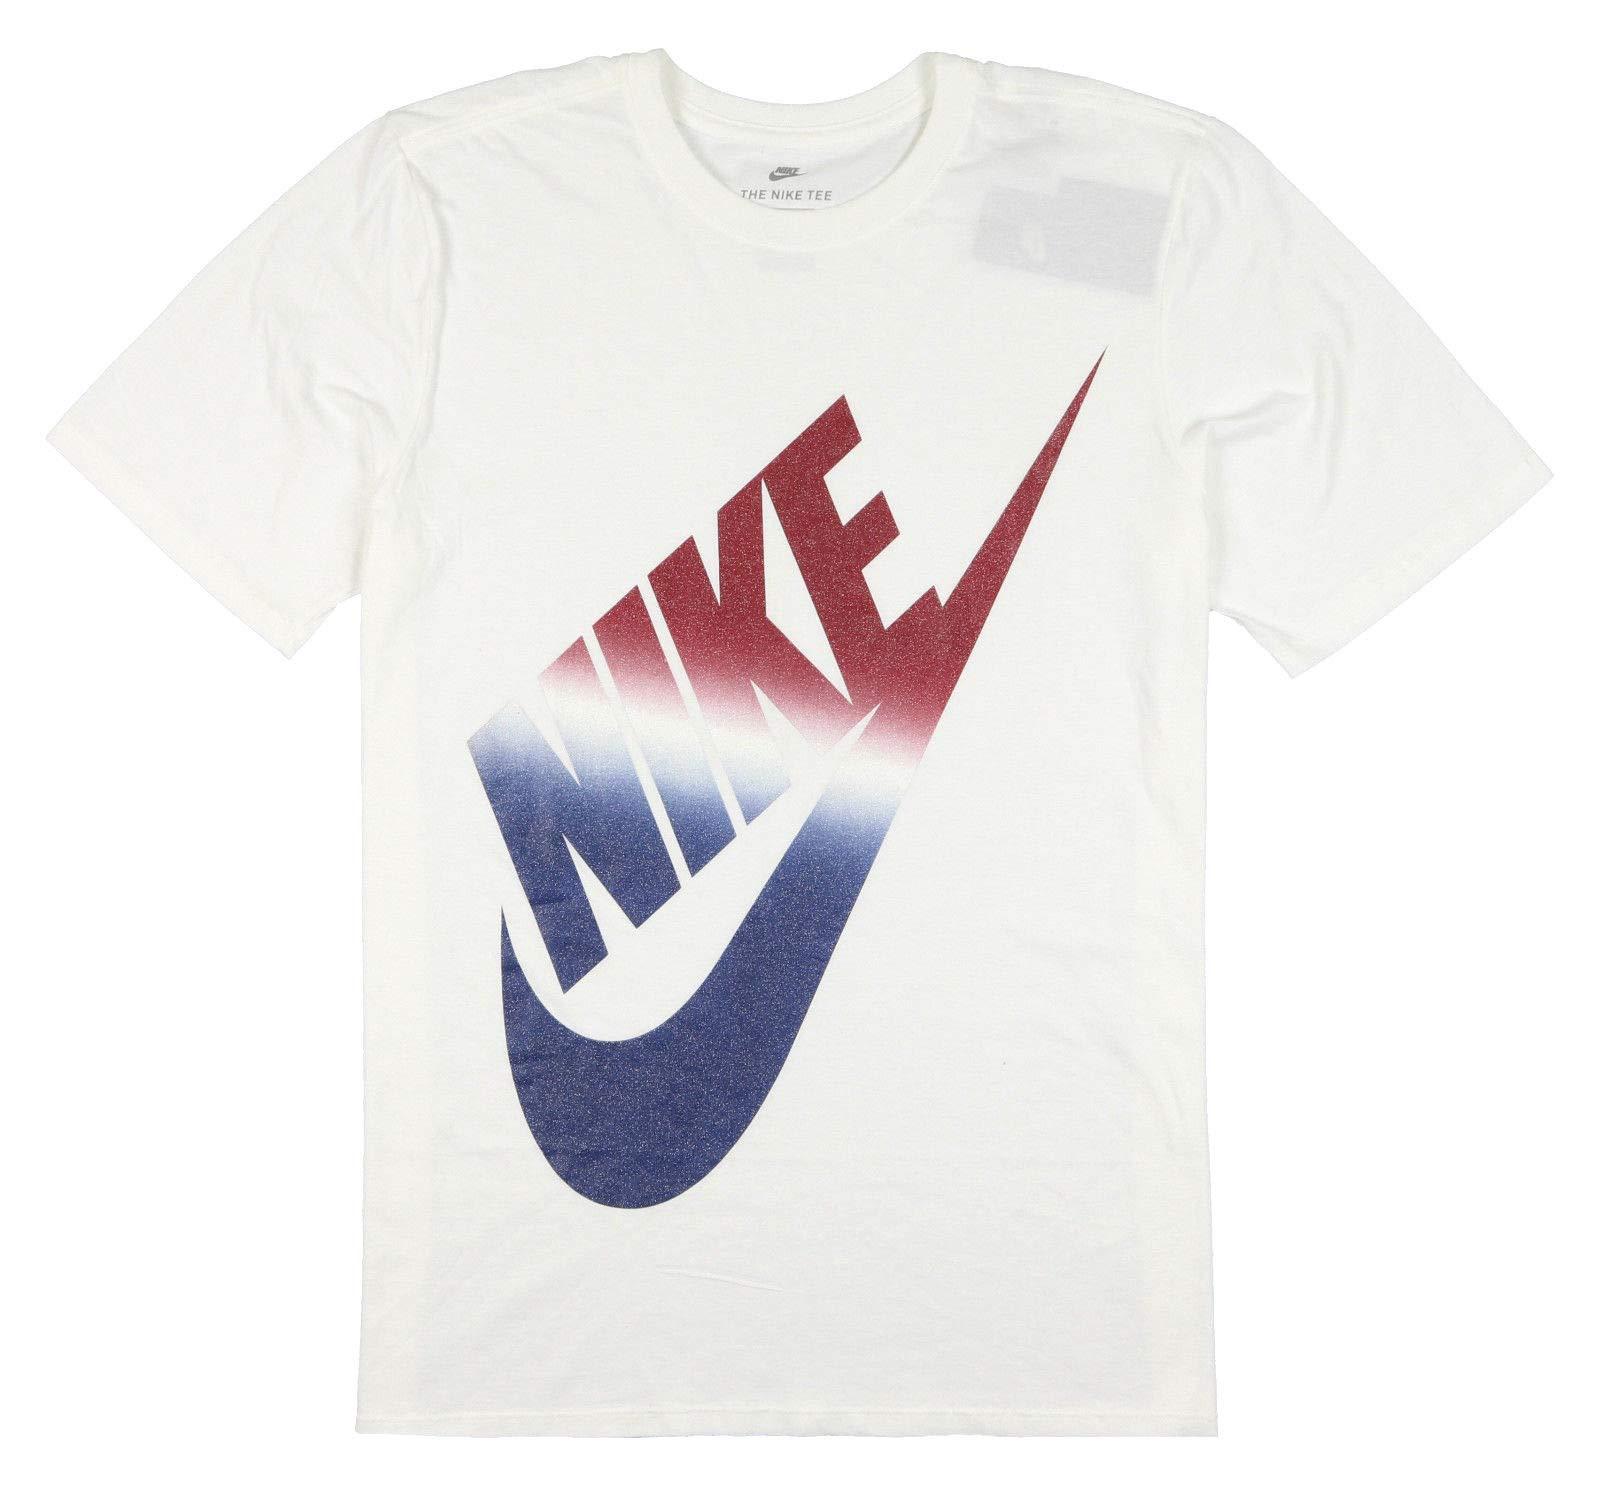 Nike USA Futura Icon - Camiseta de Manga Corta para Hombre, Talla Mediana, Color Blanco, Azul y Rojo: Amazon.es: Deportes y aire libre